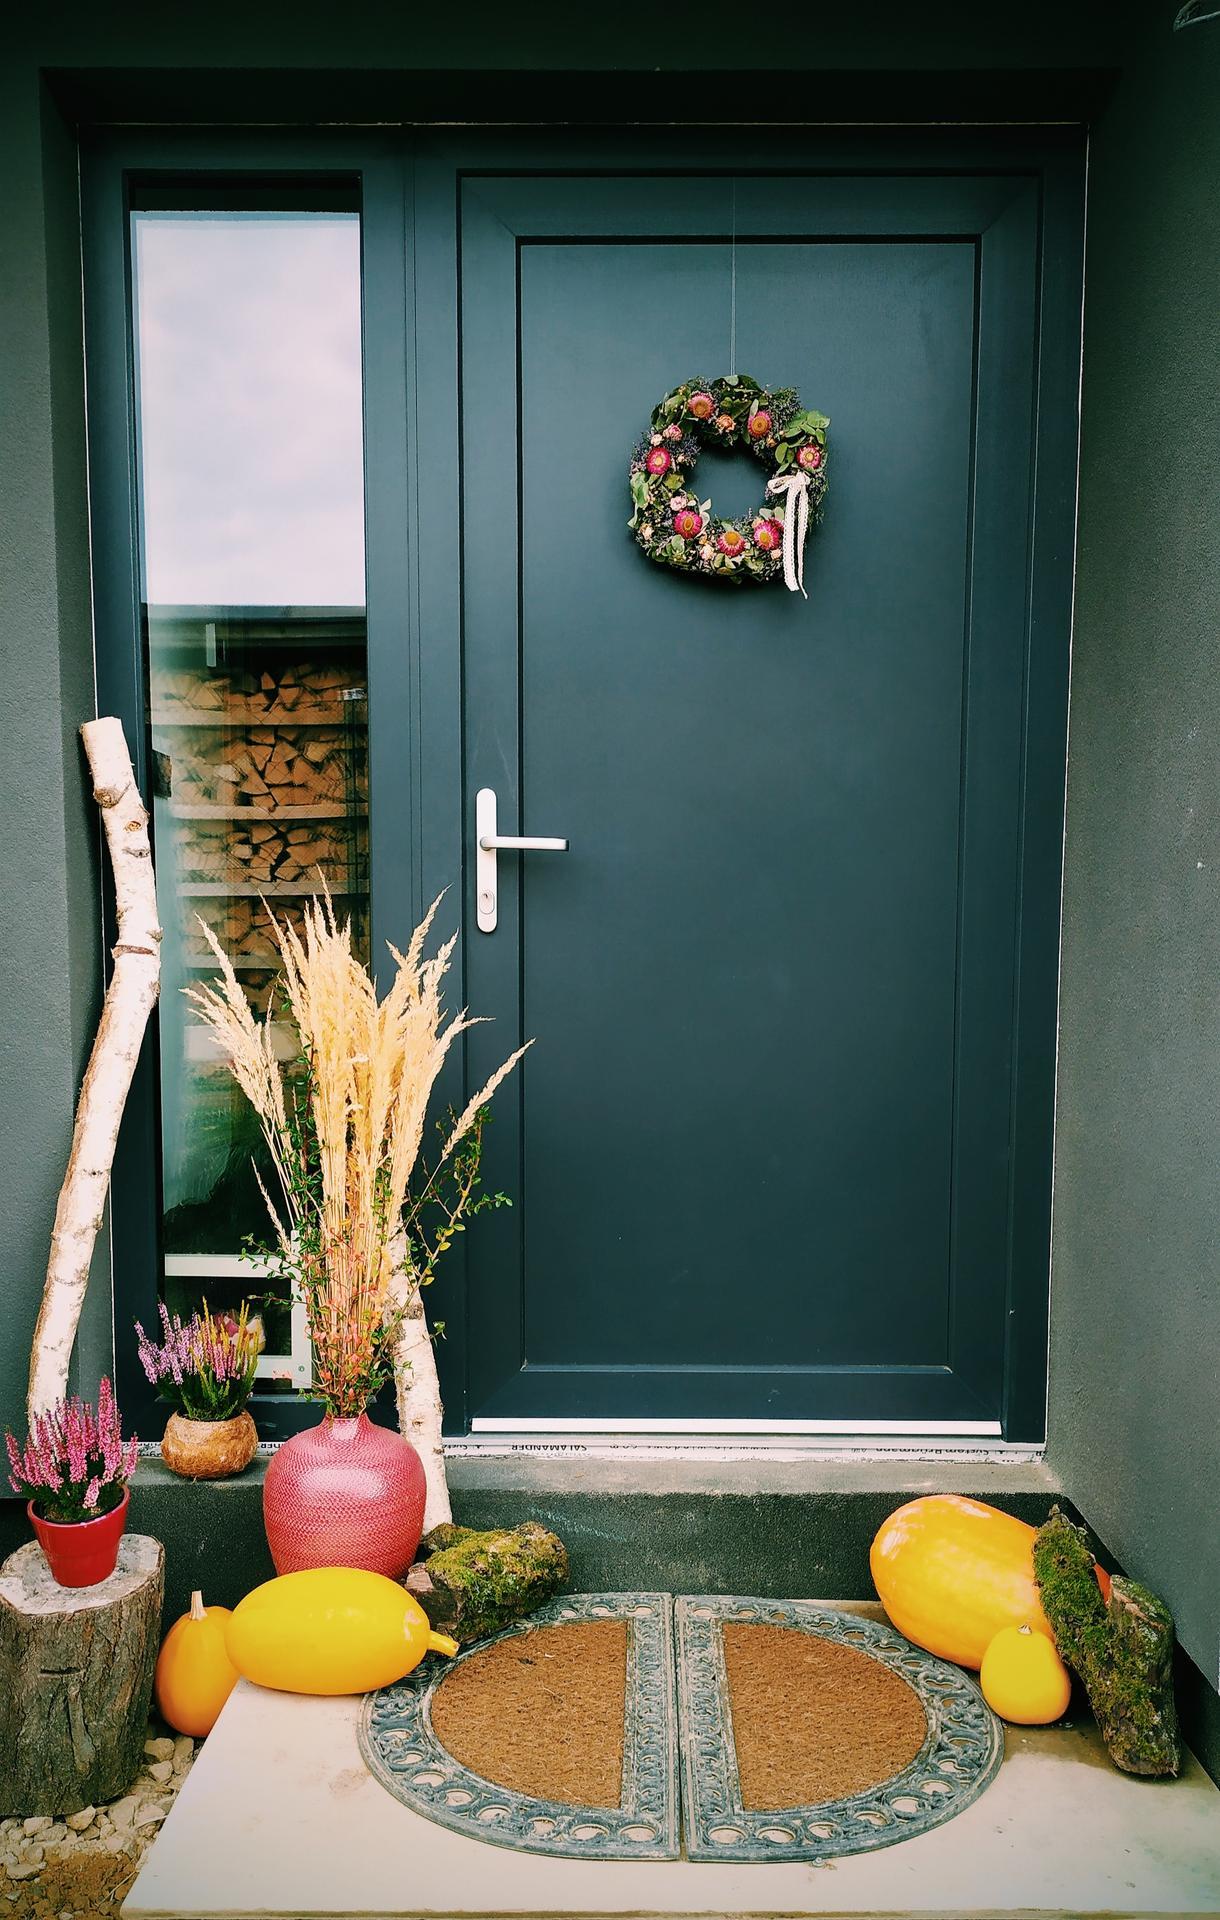 Náš sen, náš domov - Tohle je jedna z věcí na kterou jsem se s domečkem těšila nejvíc. Perfektní to není, ale i tak mám obrovskou radost. Na větve přijdou ještě světýlka. Hooodně světýlek. A příští rok to bude ještě větší hitparáda až bude dodělaný vchod